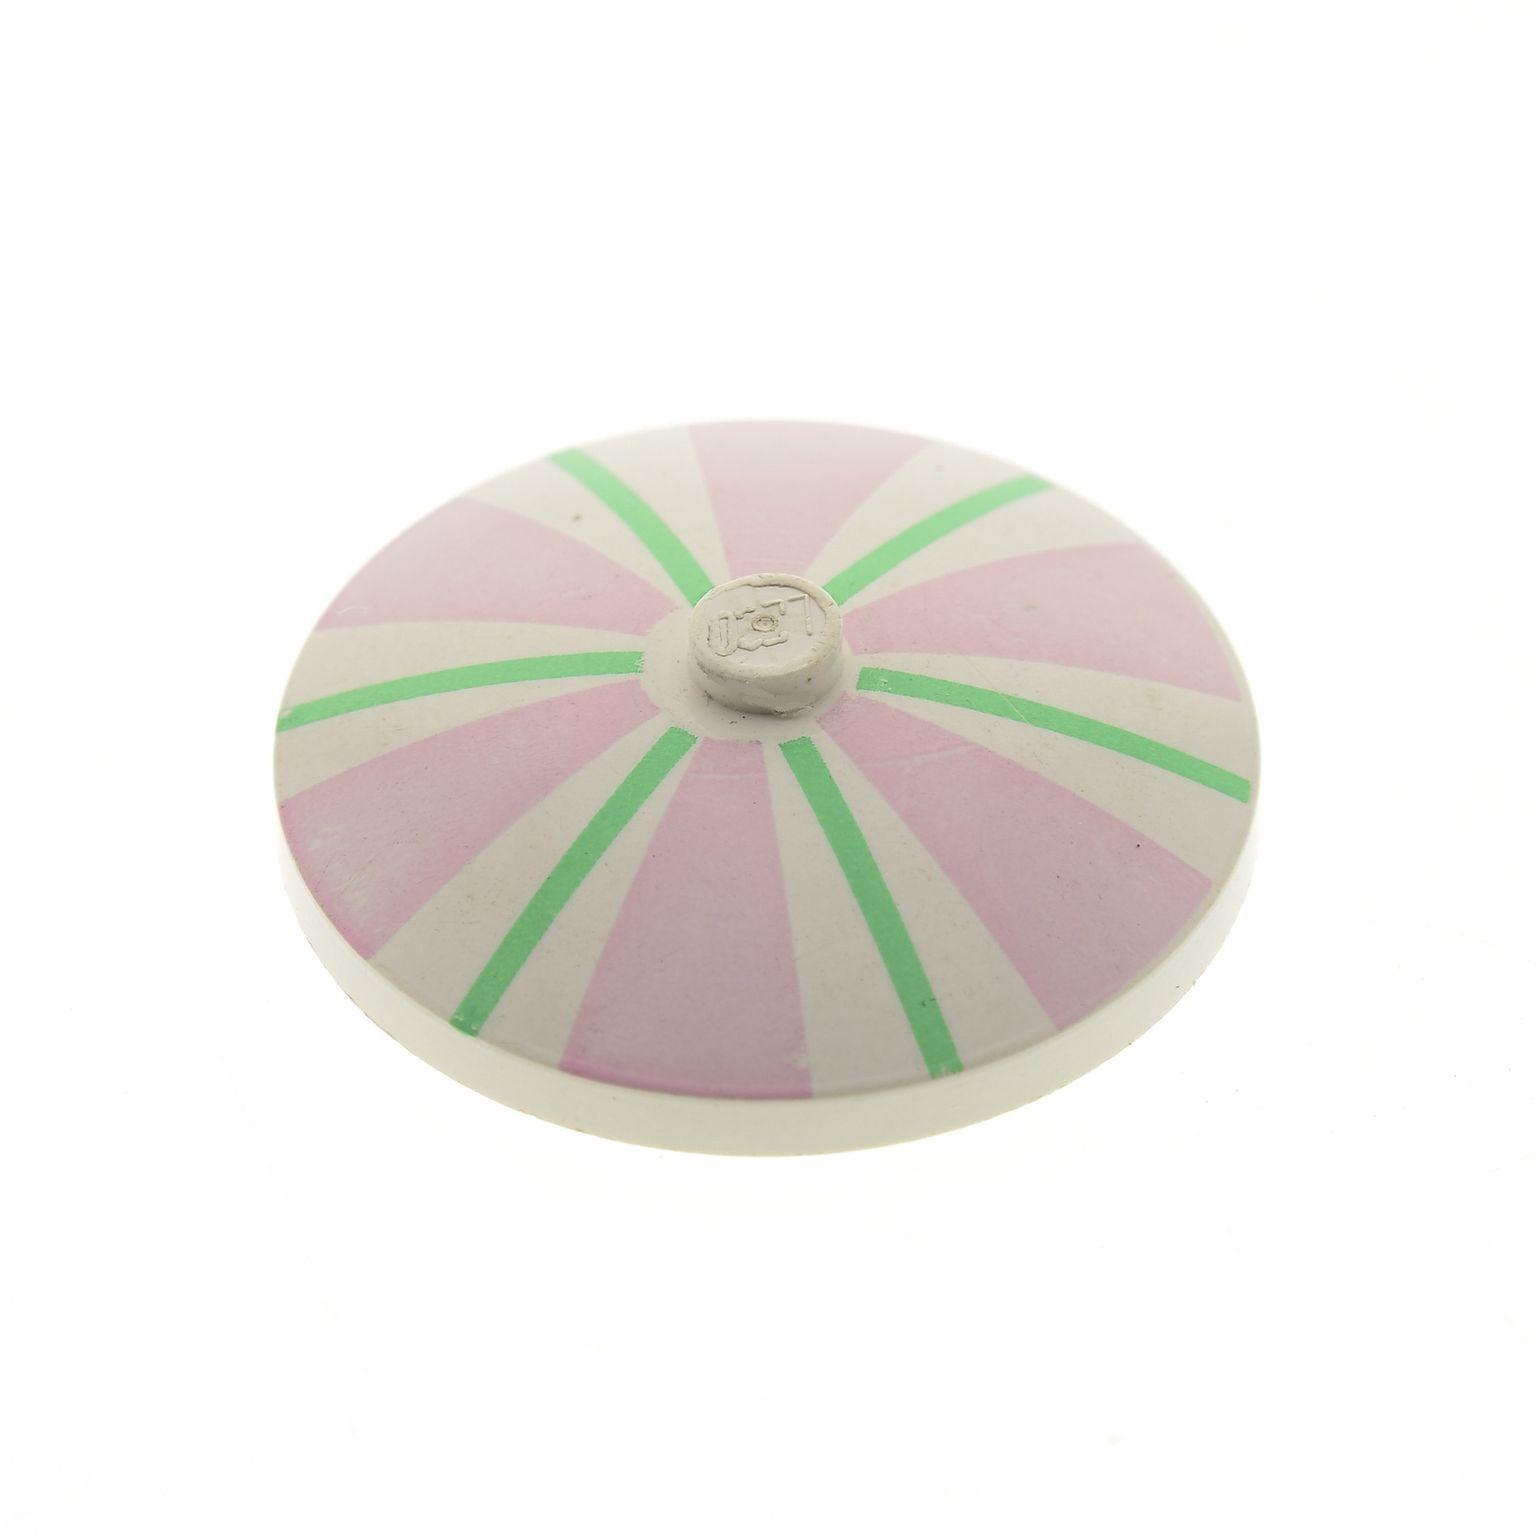 2 x Lego Radar Schirm Schild 4x4 weiß rosa bedruckt Streifen Set 6411 3960pb001